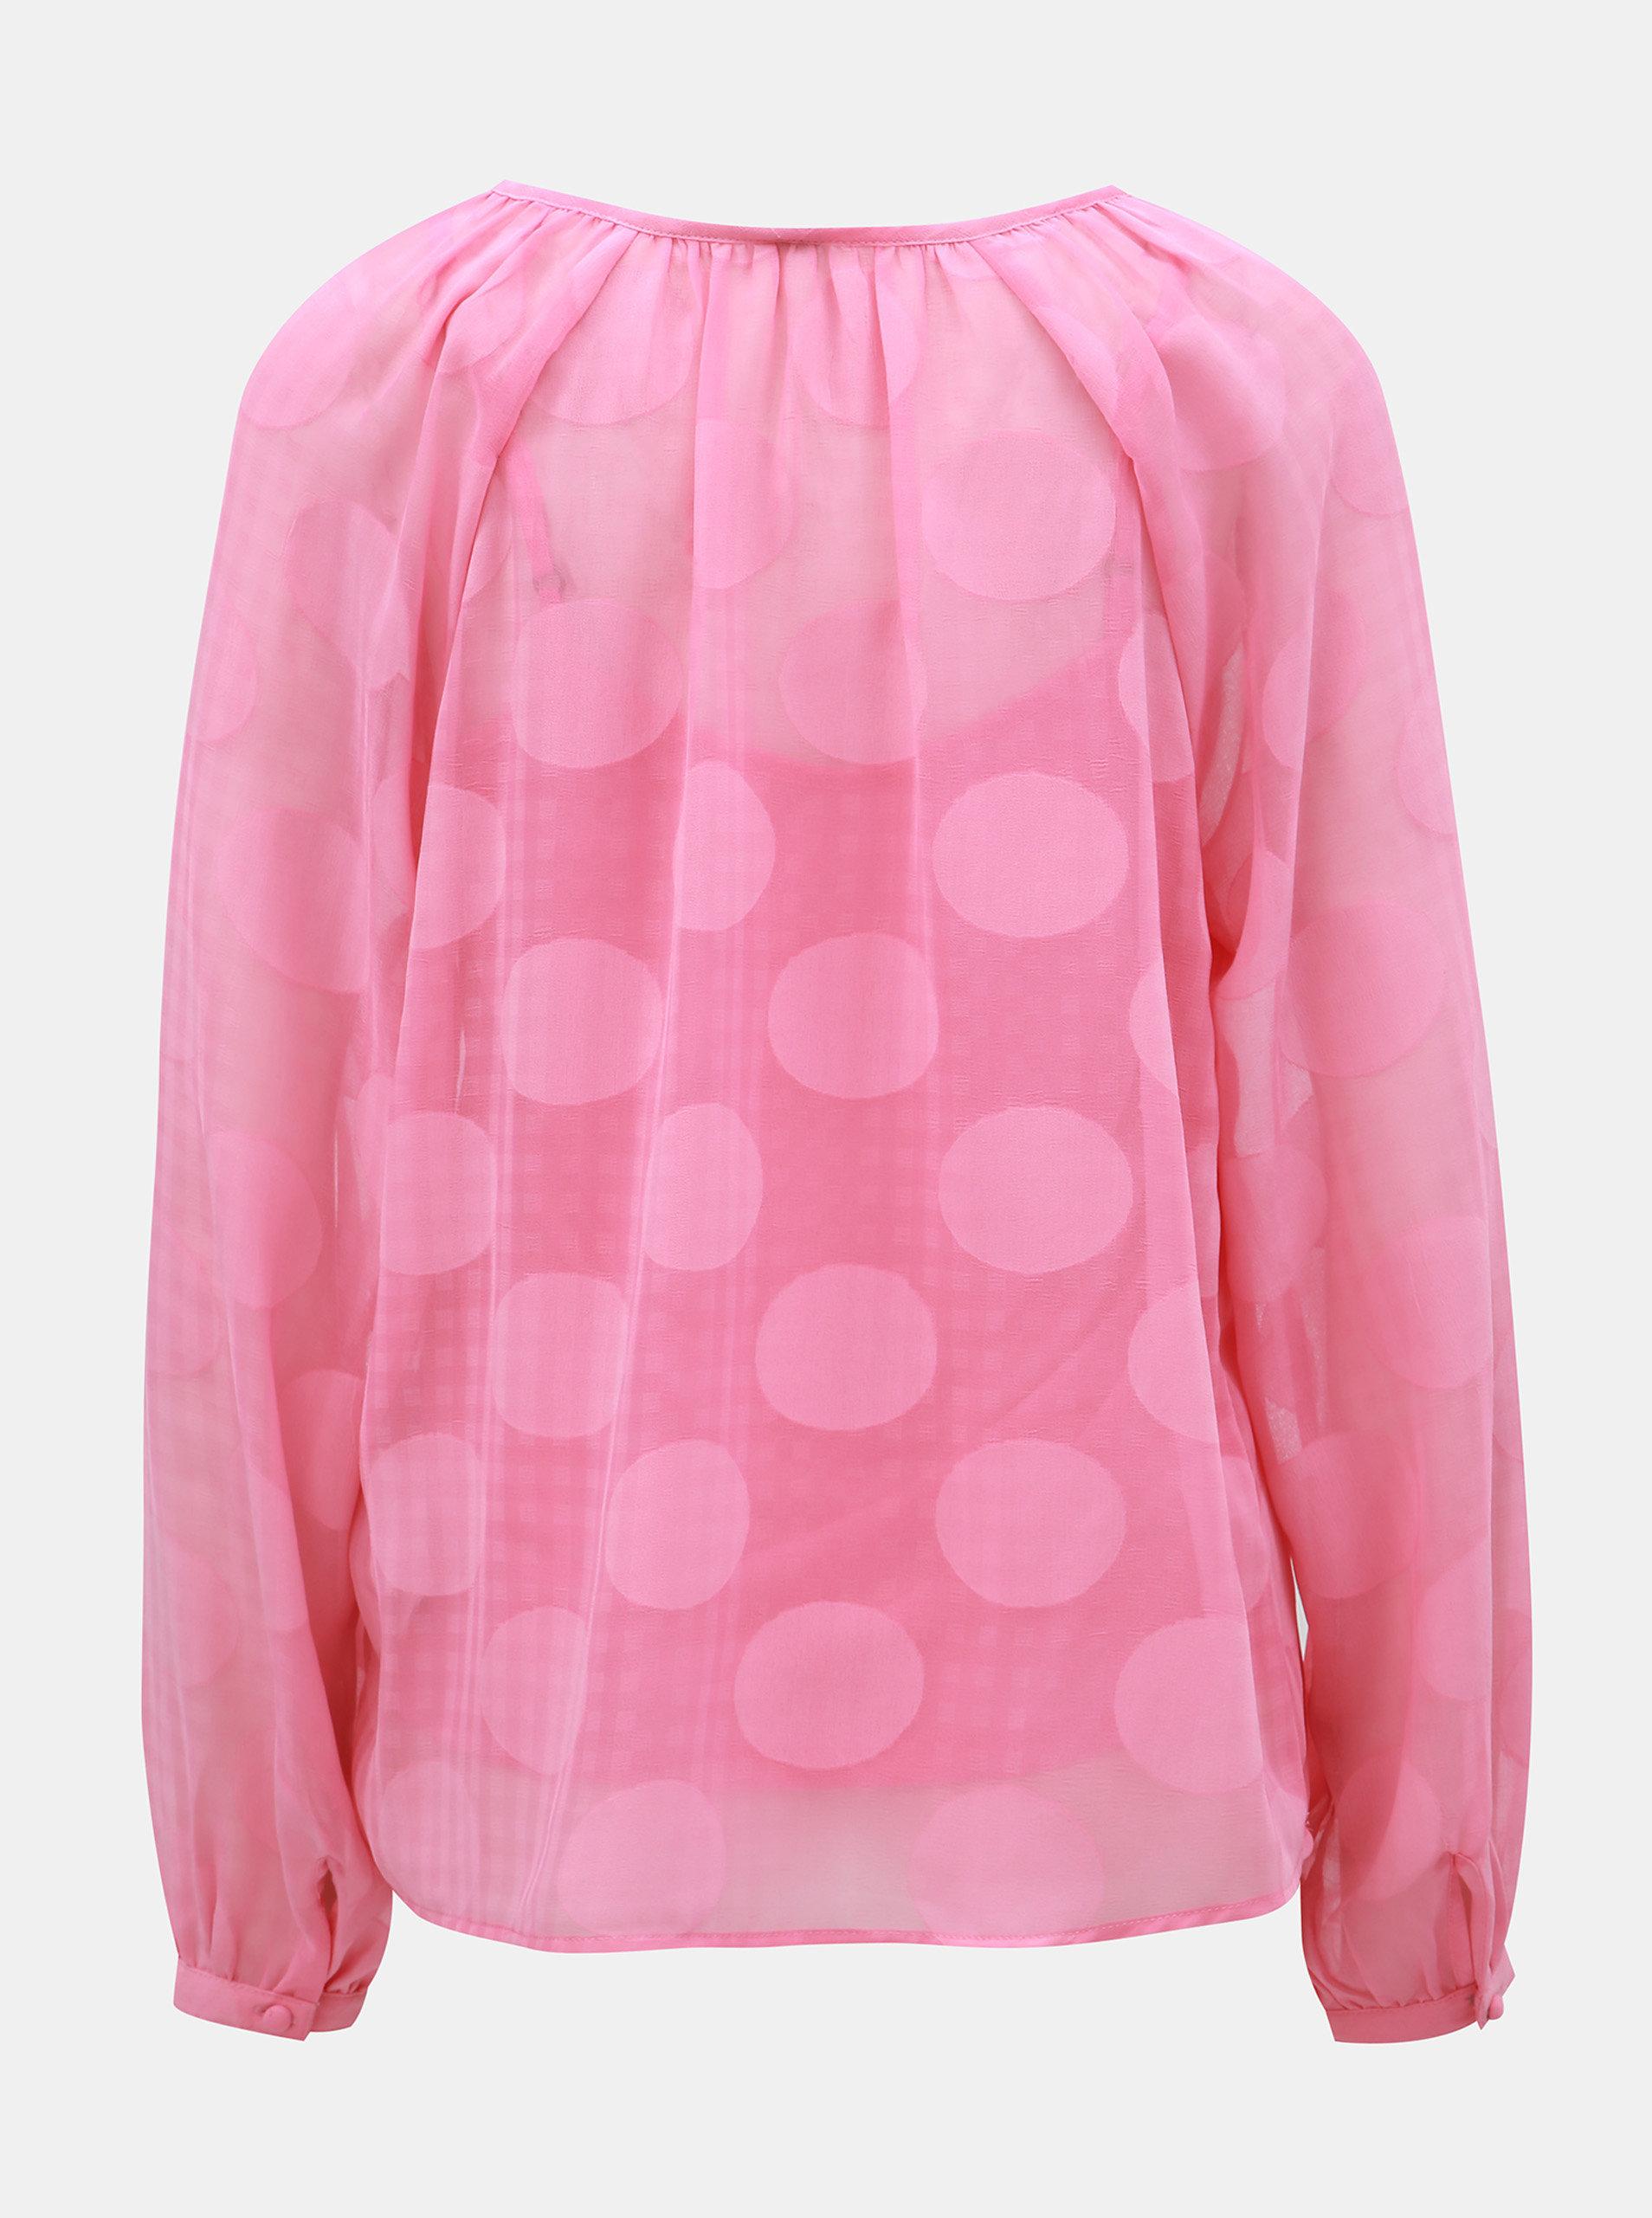 5556ef674c8b Ružová bodkovaná blúzka s dlhým rukávom VERO MODA Syra ...